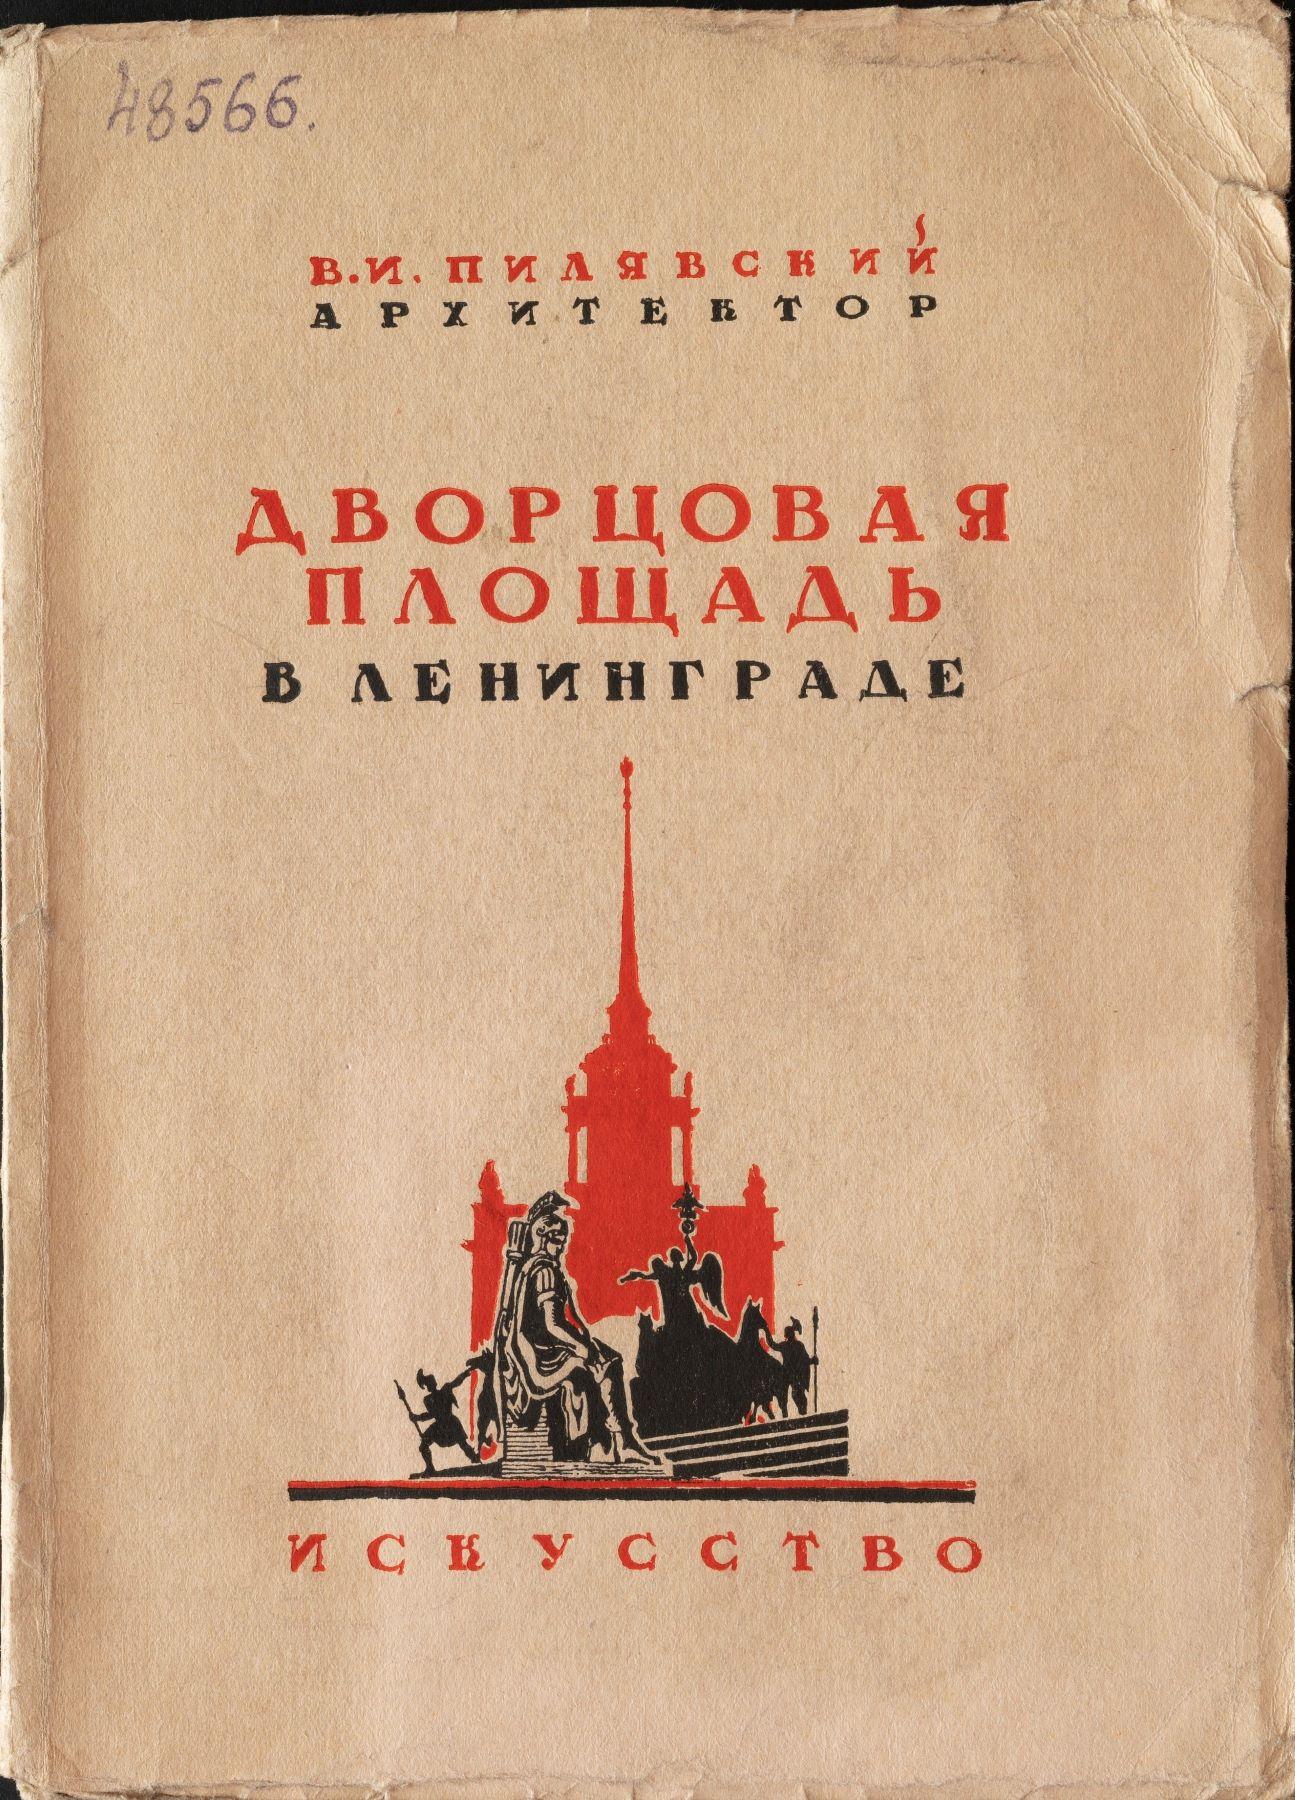 В 1944 году вышла книга В. И. Пилявского, посвященная Дворцовой площади